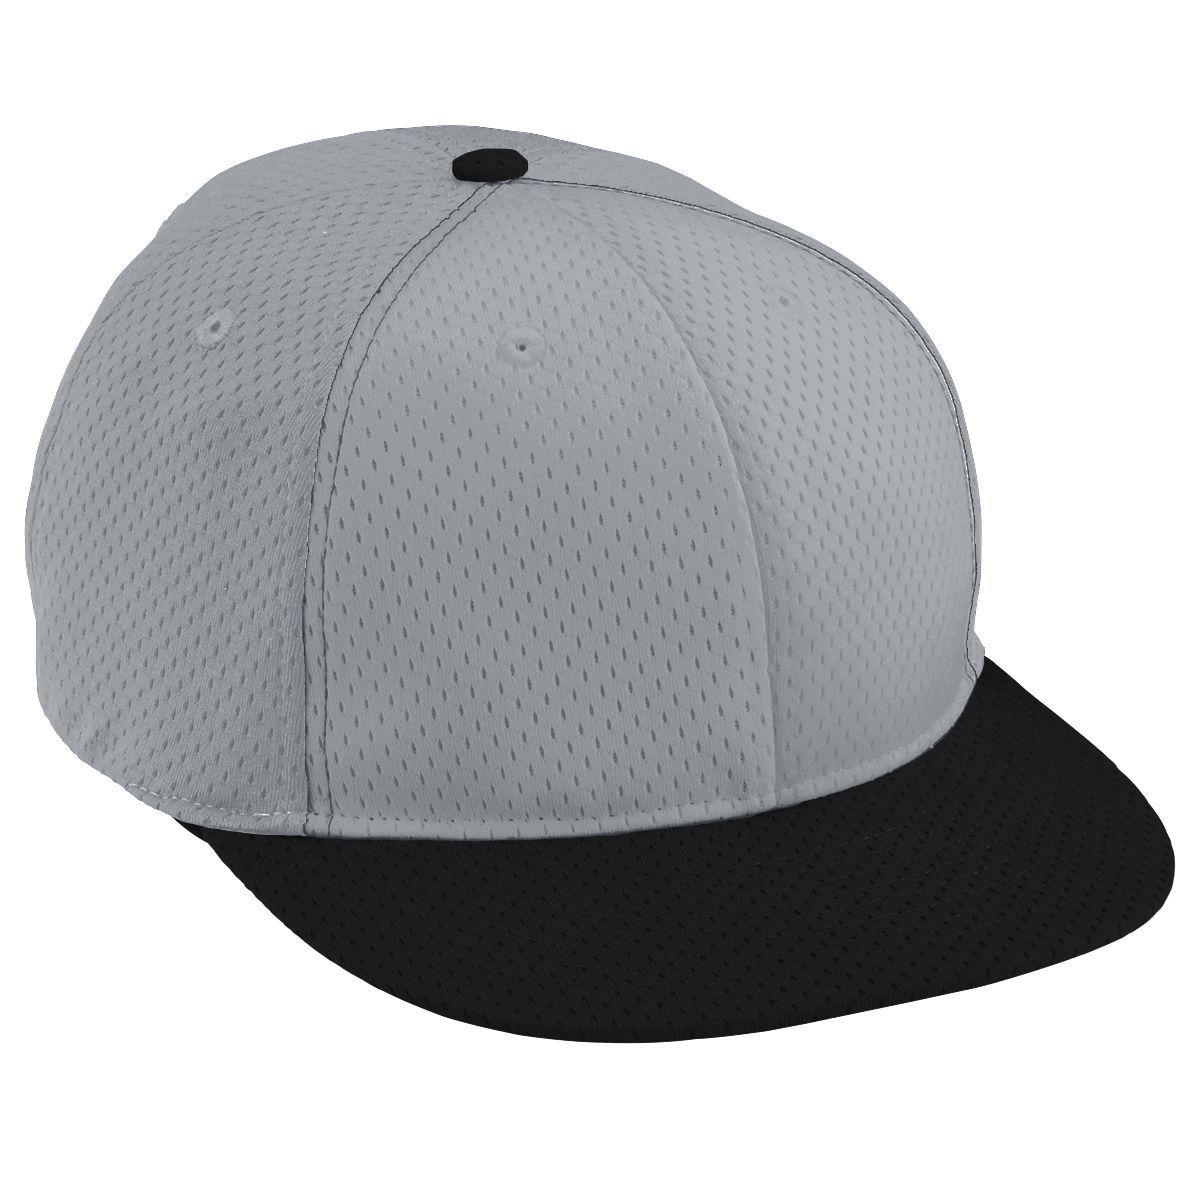 Adult Athletic Mesh Flat Bill Cap - SILVER GREY/SILVER GREY/BLACK